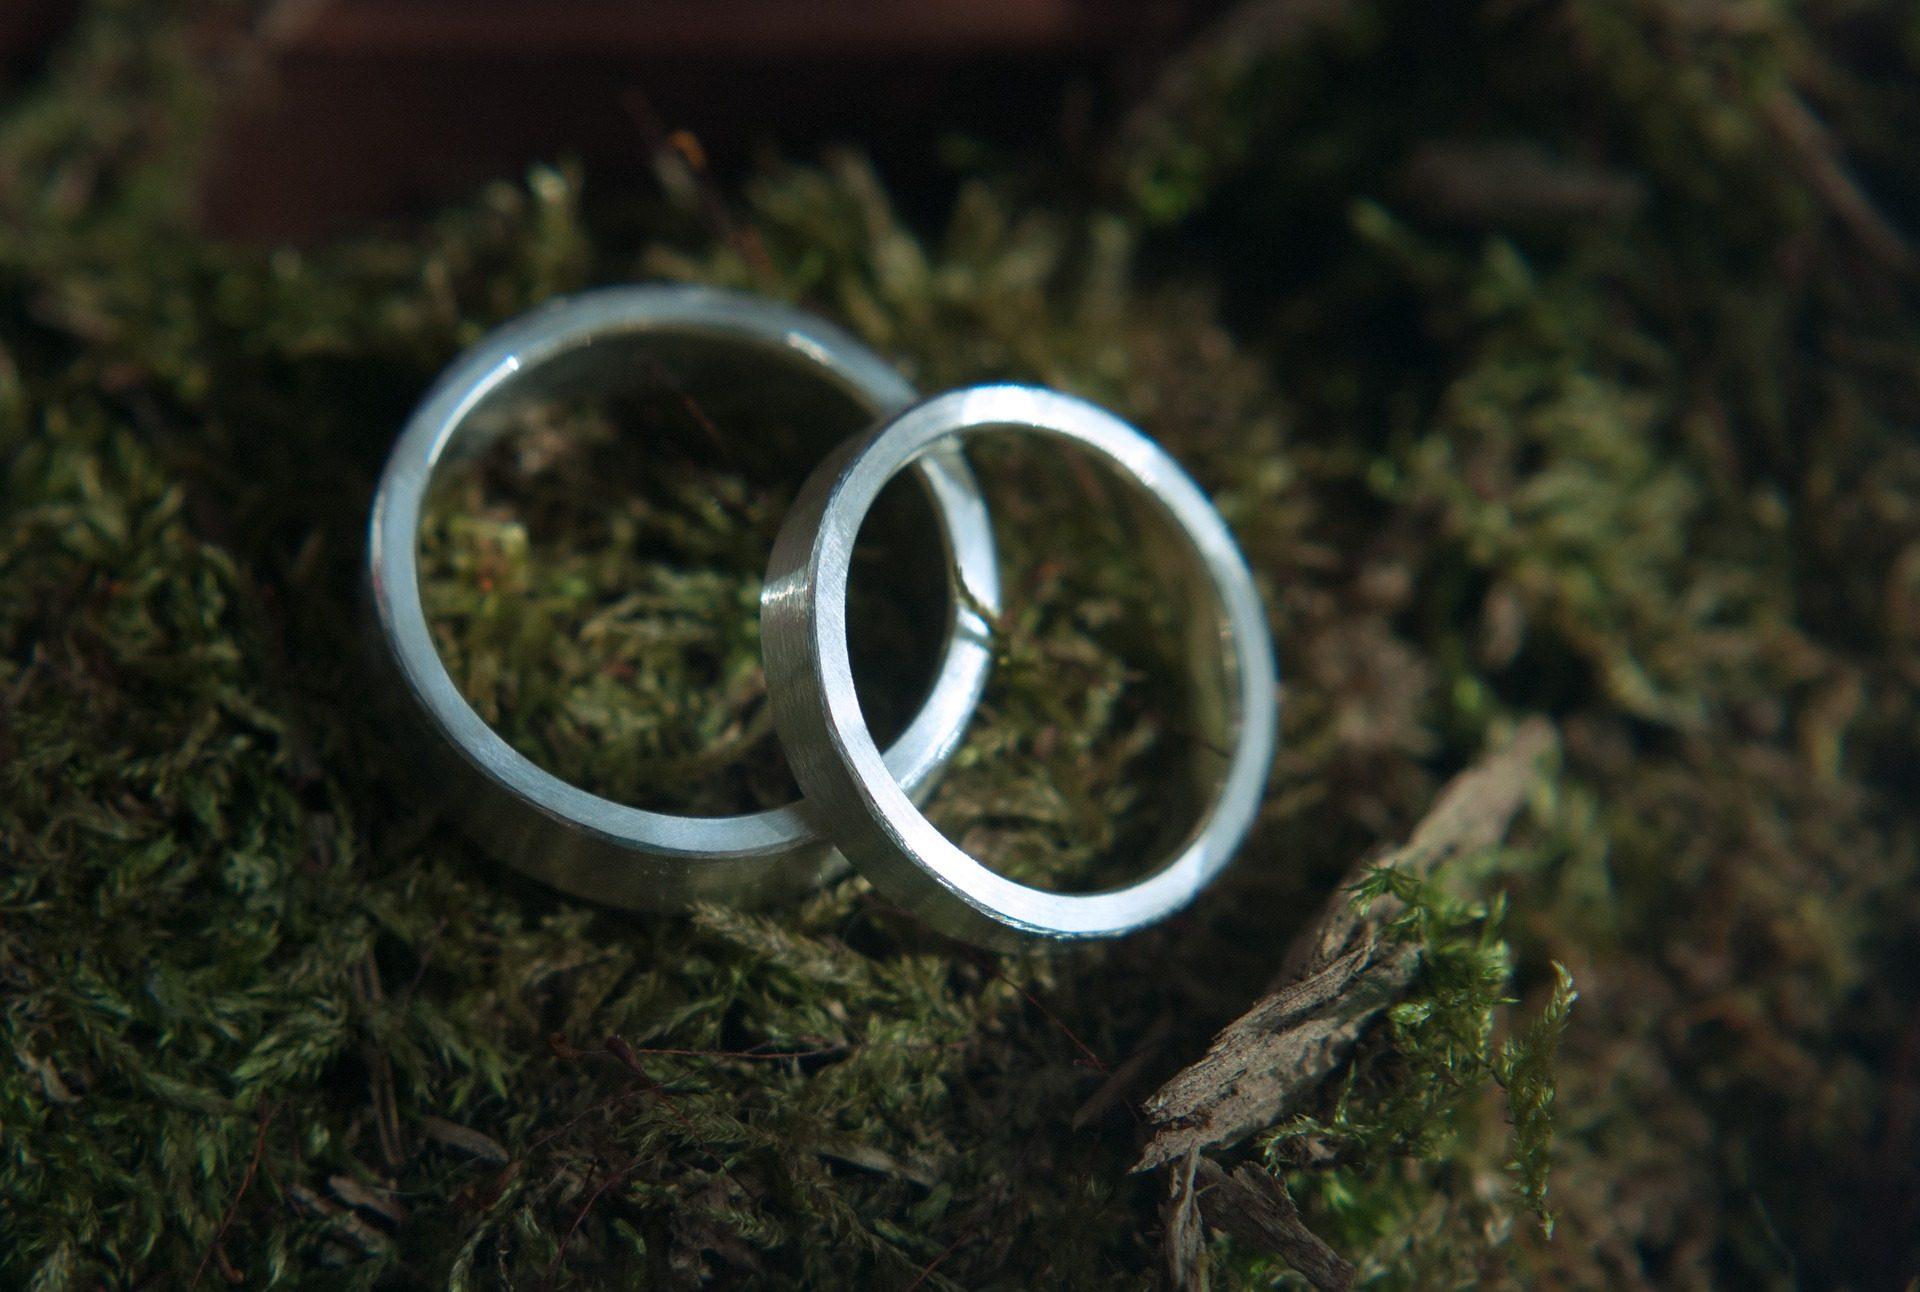 Кольца, союзы, обещание, любовь, Ссылка, трава - Обои HD - Профессор falken.com